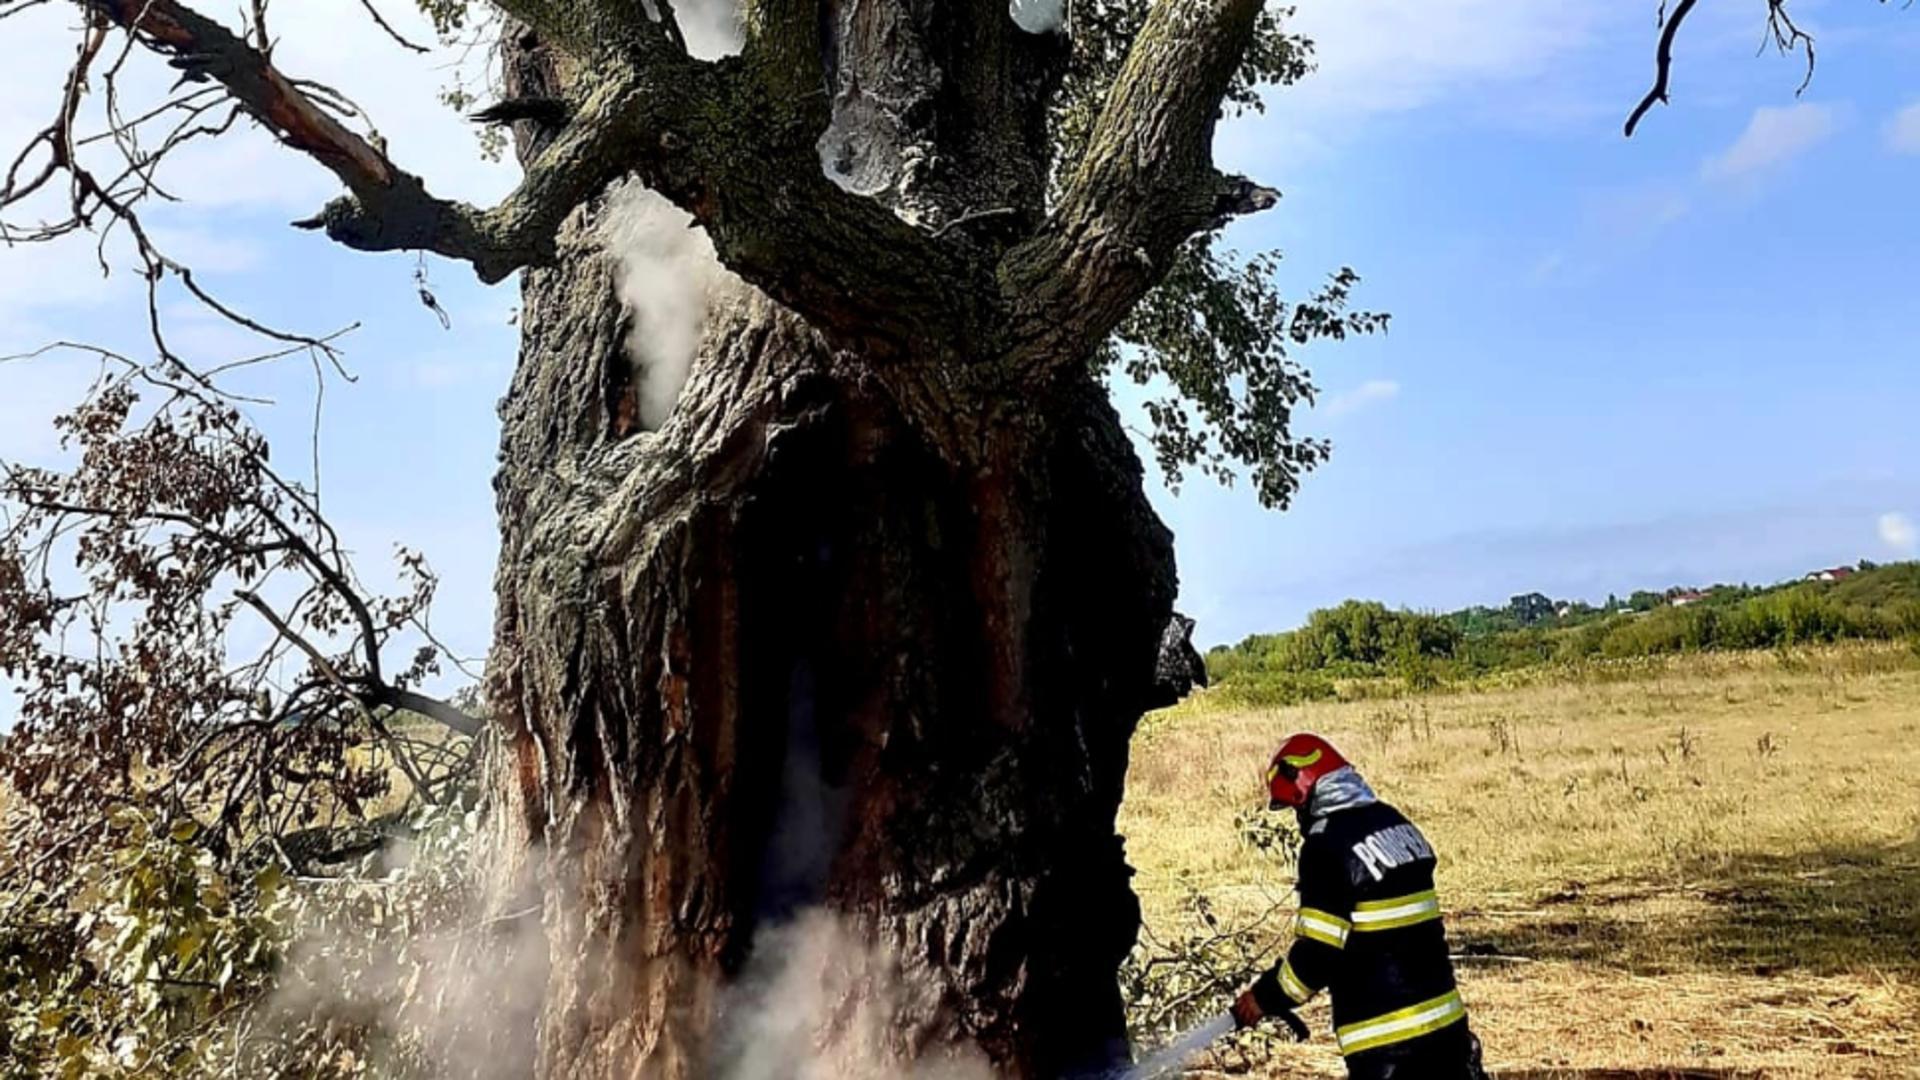 Un copac secular din comuna Vânătorii Mici, judeţul Giurgiu, a fost lovit de un fulger